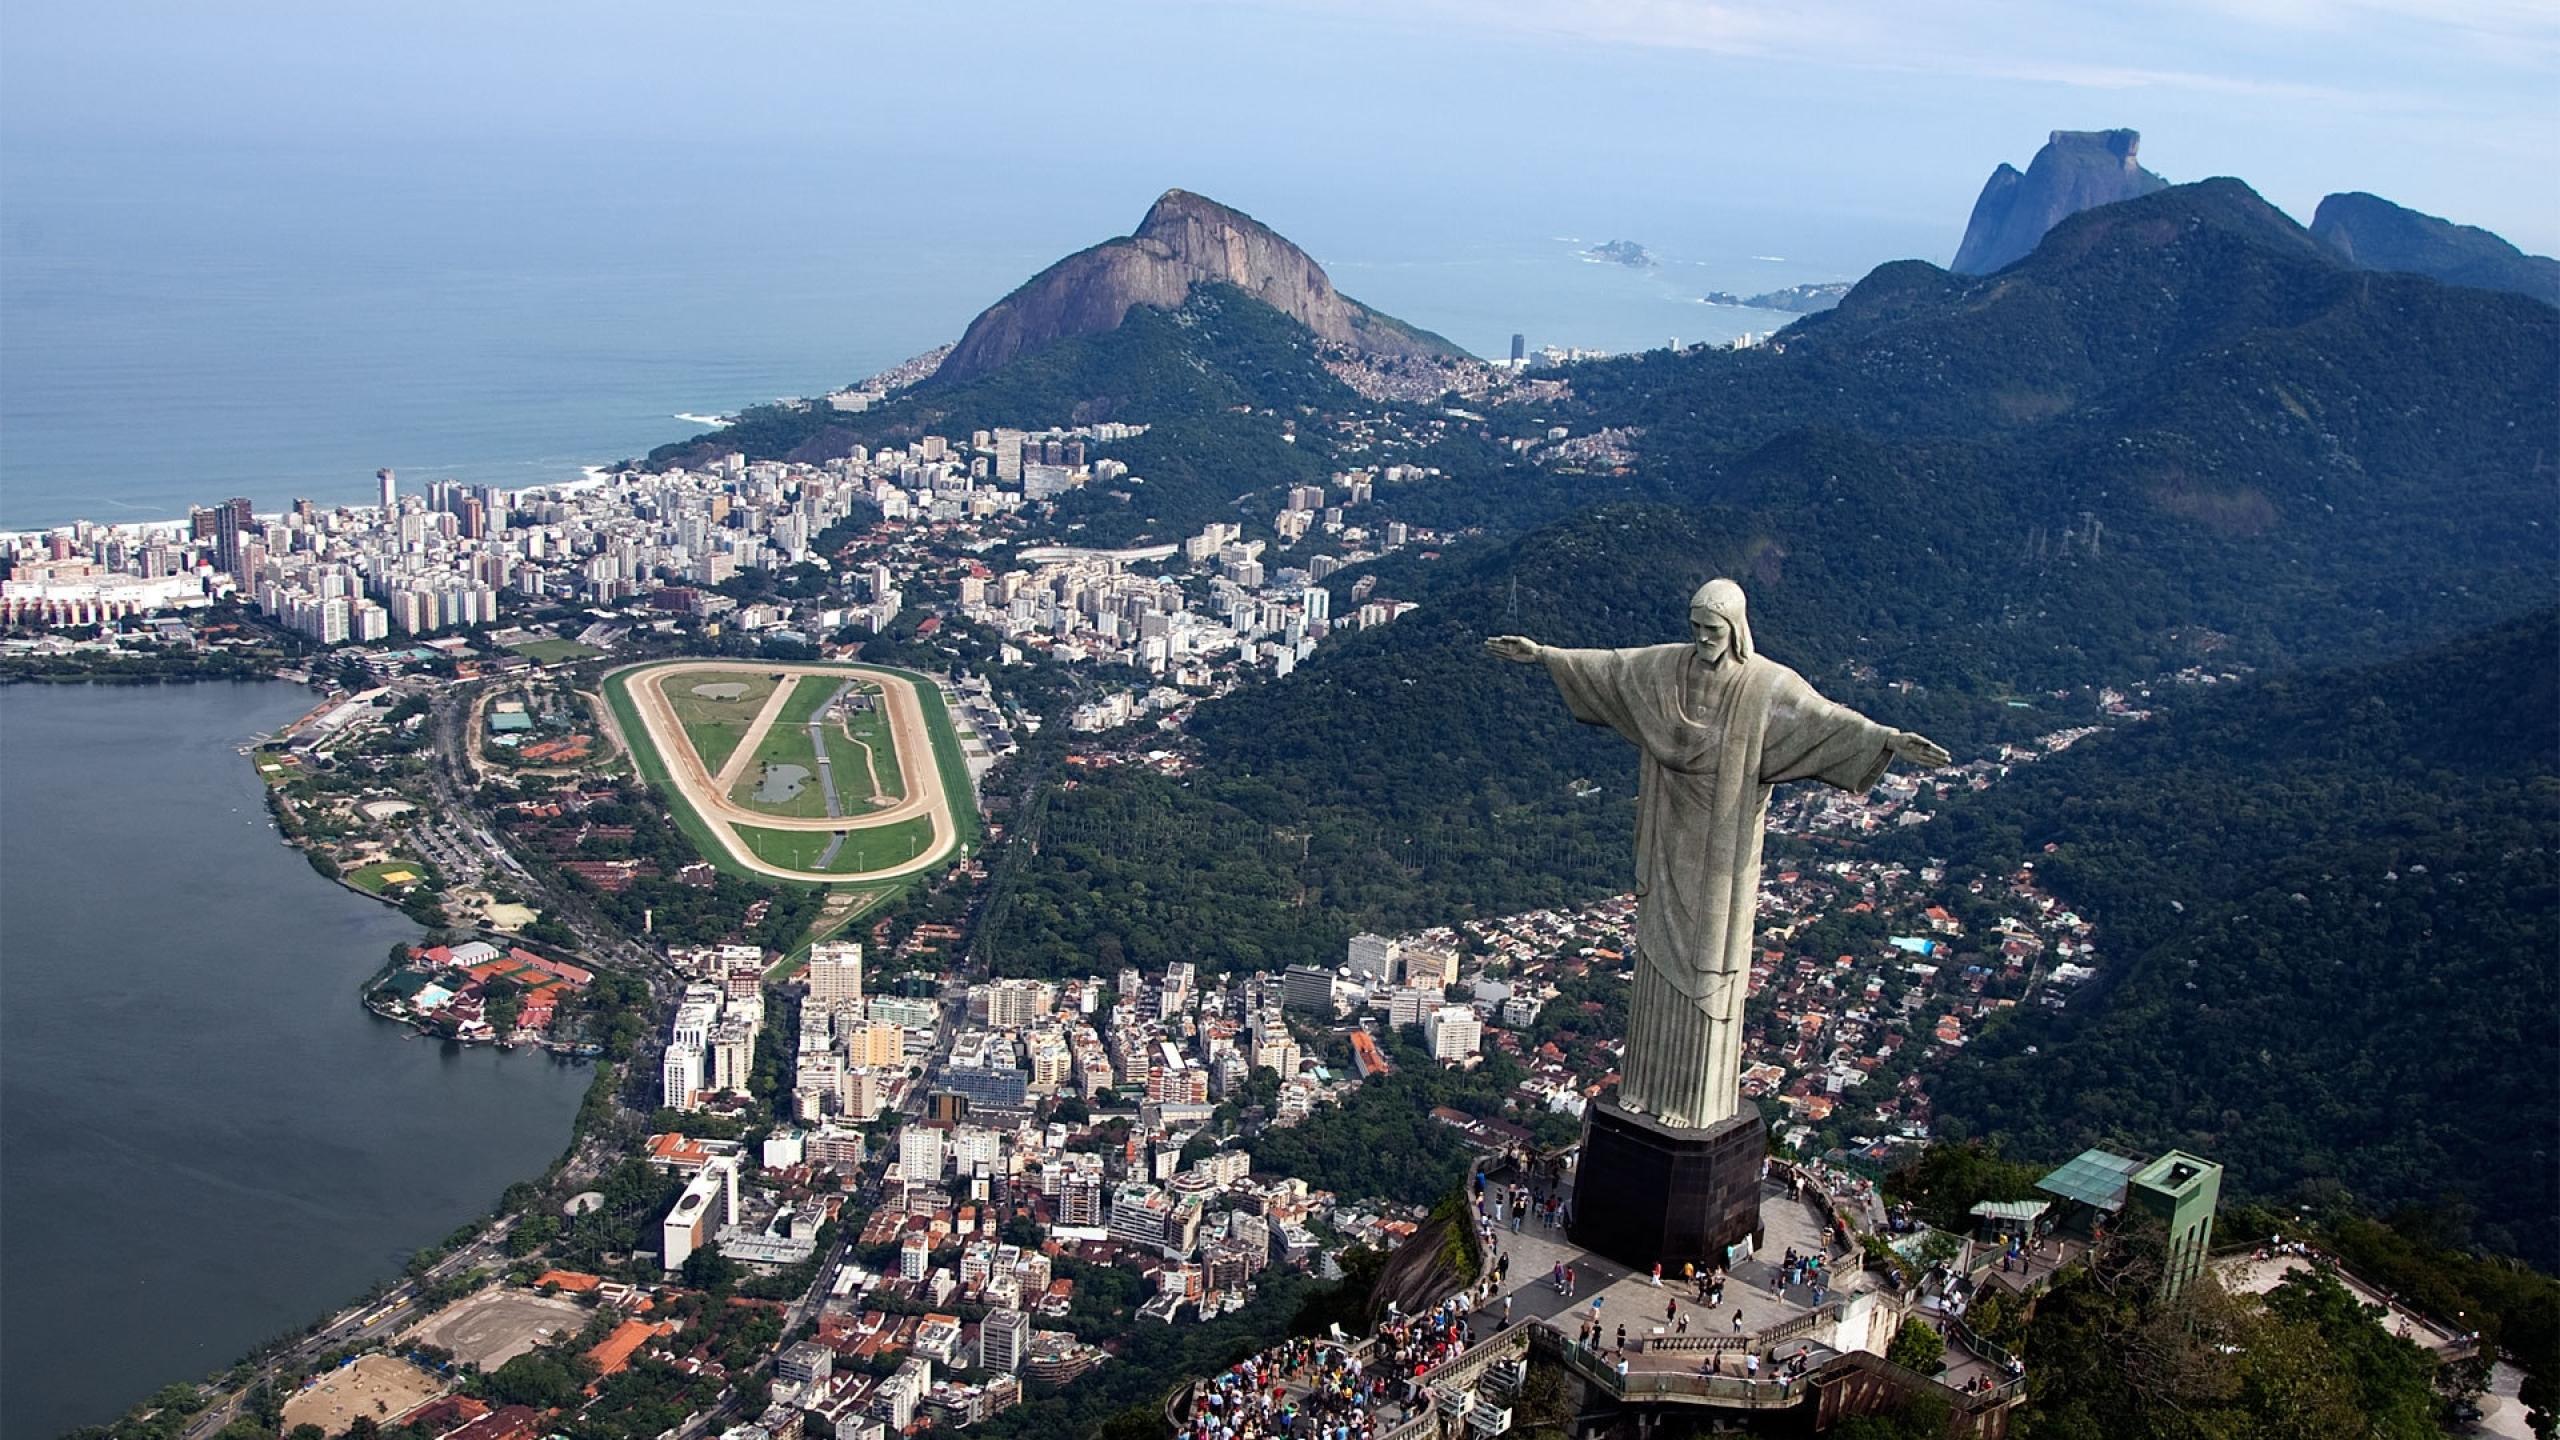 2560x1440 Rio De Janeiro Brazil City 1440p Resolution Wallpaper